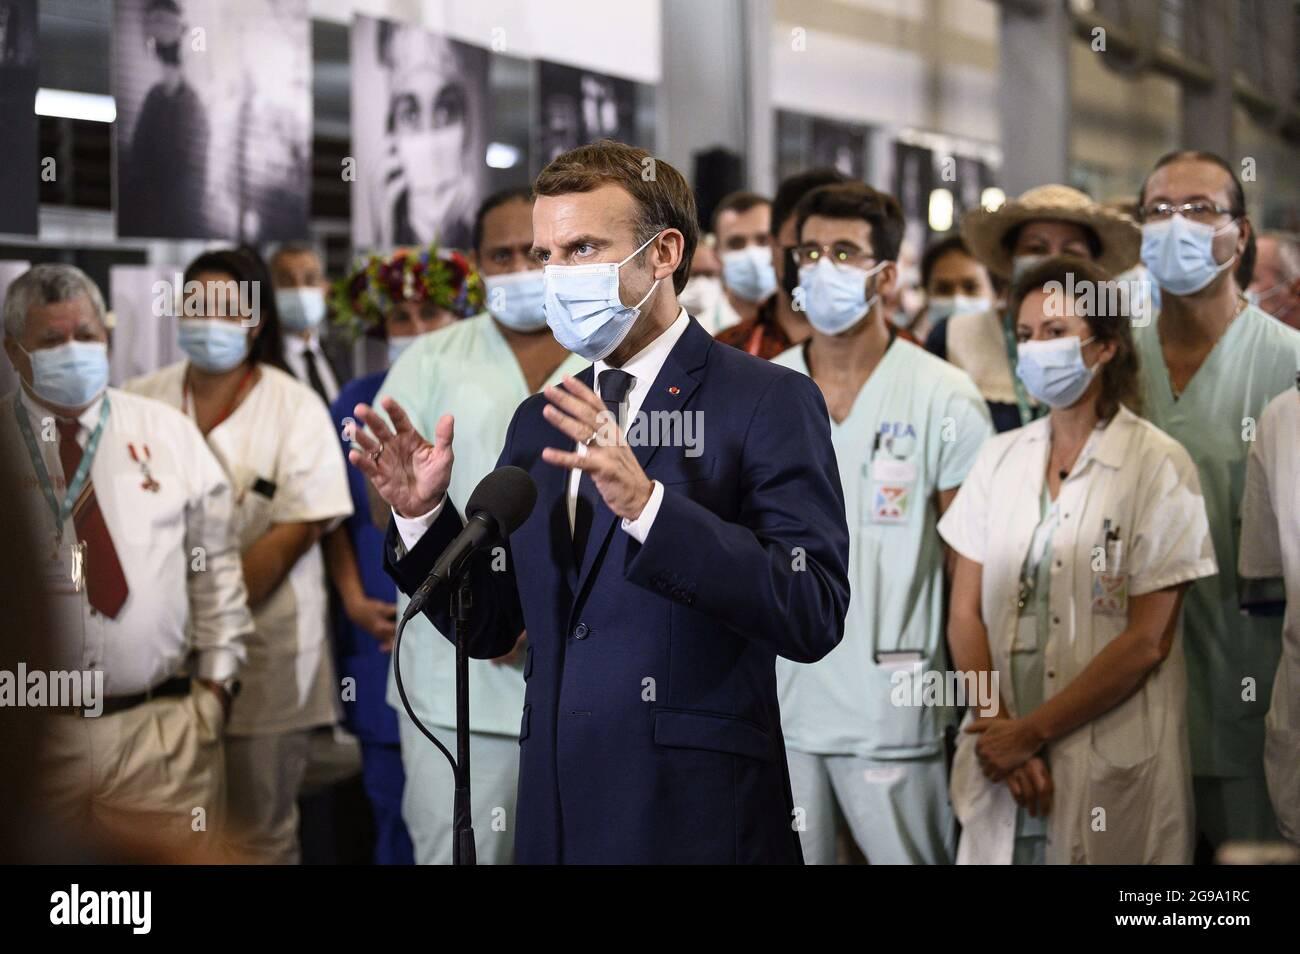 Le président français Emmanuel Macron (C) parle (presse) avec des médecins et des infirmières travaillant au Centre hospitalier de Polynésie française à Papeete après son arrivée à Tahiti en Polynésie française le 24 juillet 2021. Photo par Eliot Blondt/ABACAPRESS.COM Banque D'Images